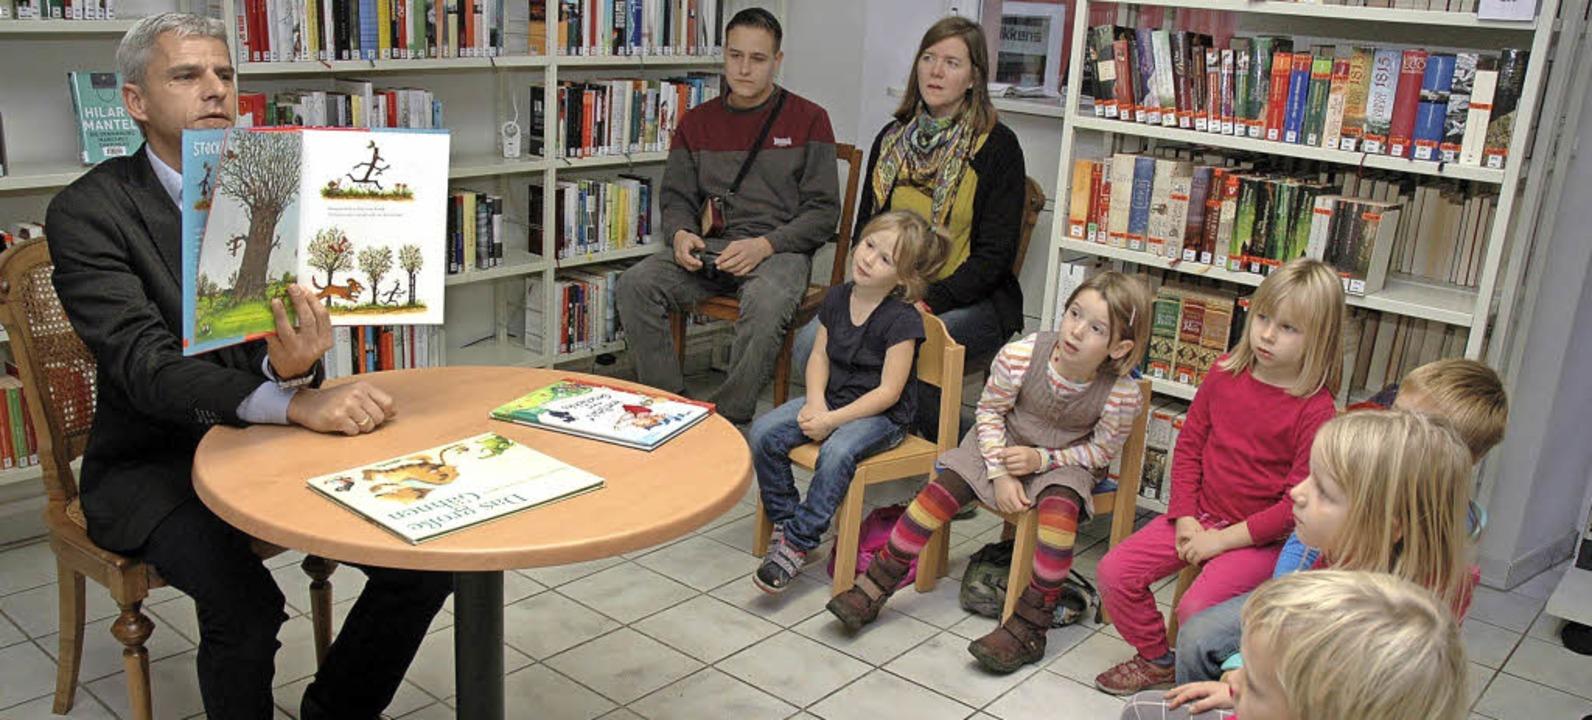 Am bundesweiten Vorlesetag las der Lan... Stadtbücherei Geschichten für Kinder.    Foto: Regine Ounas-Kräusel